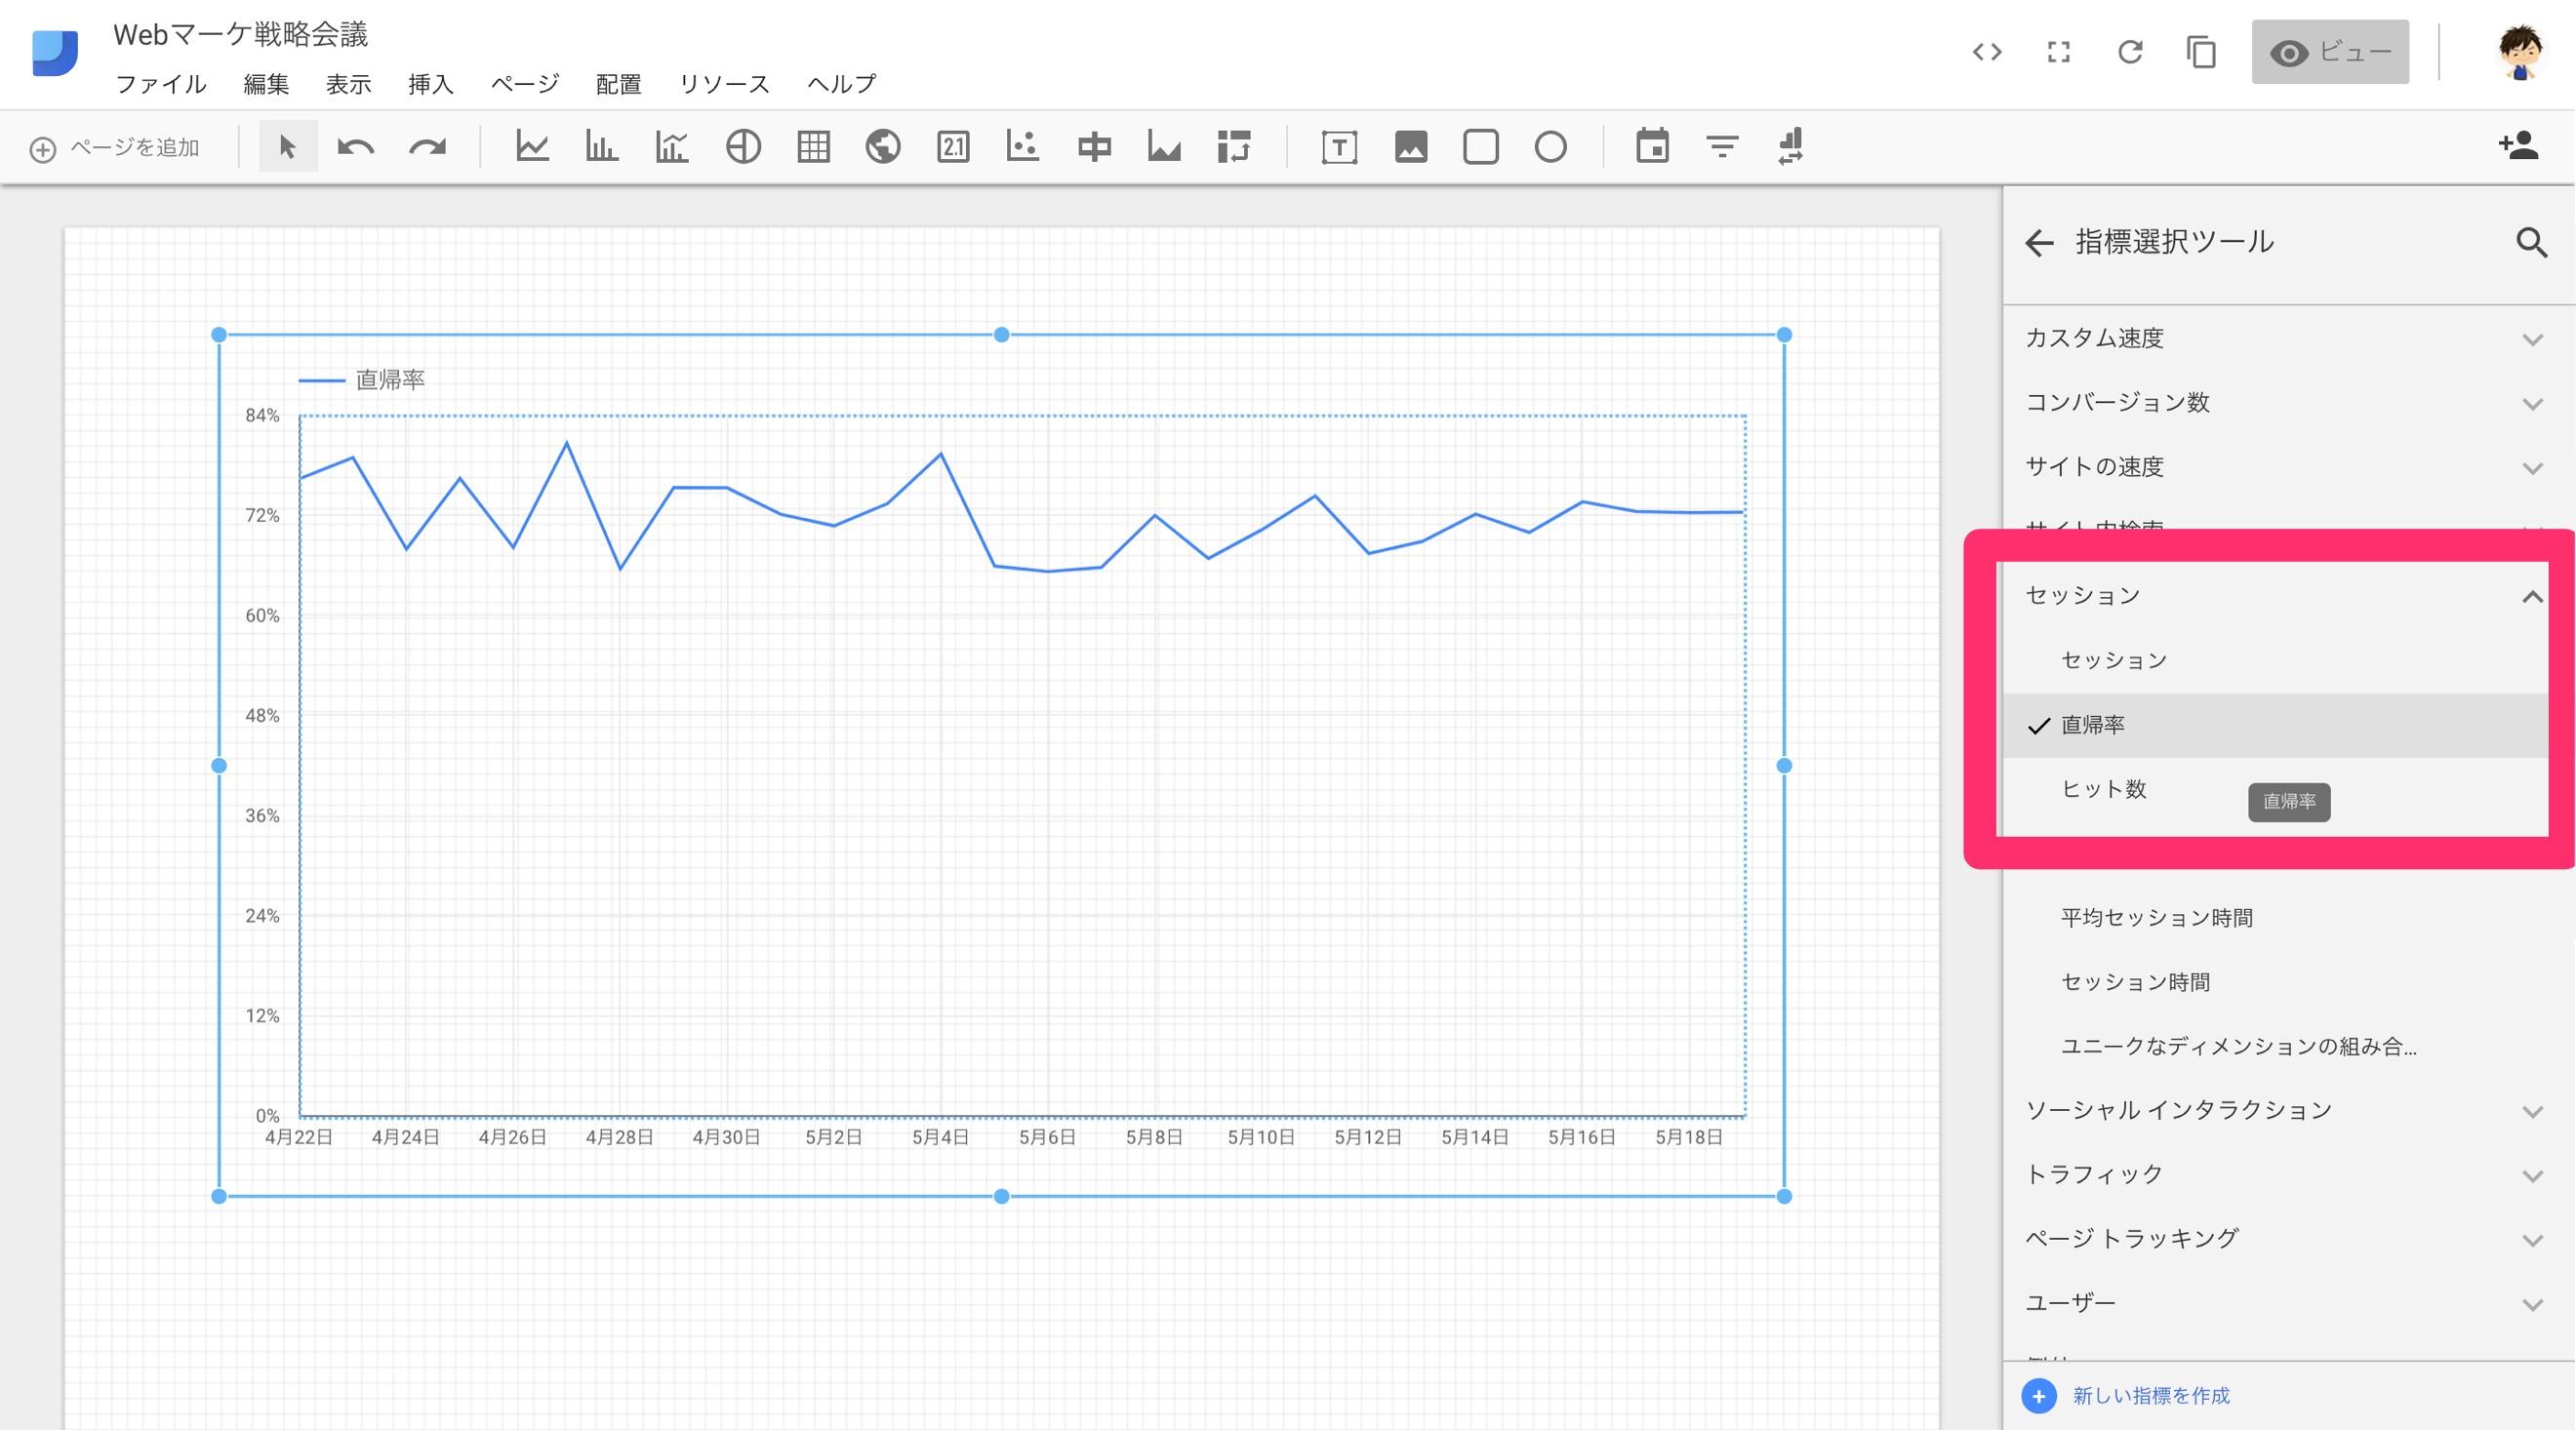 03データスタジオの指標に直帰率を選択